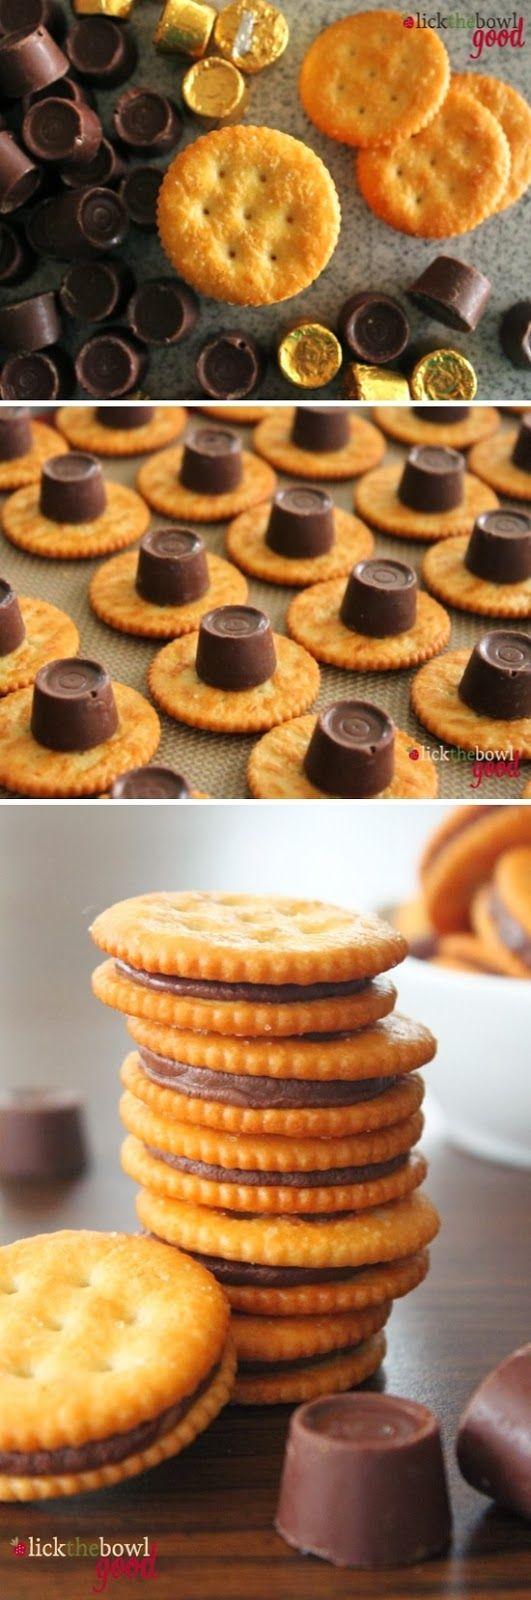 Rolo Stuffed Ritz Crackers | Sweet Foodz